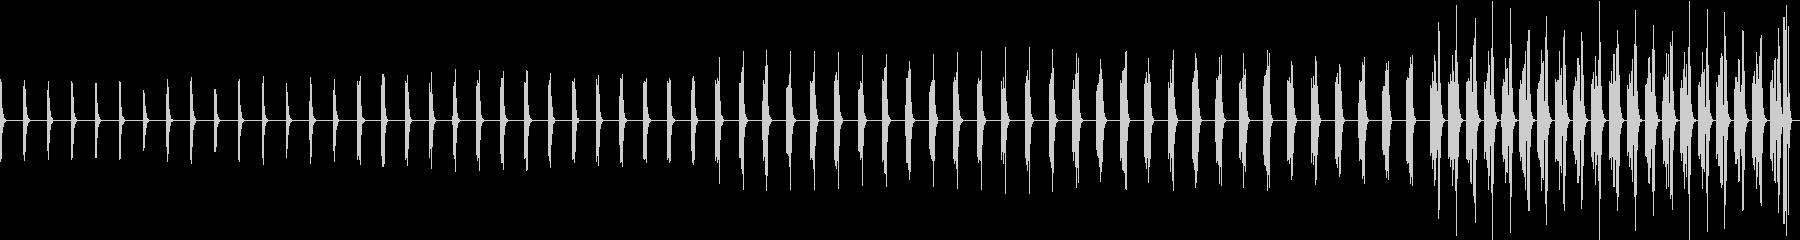 1分ごとに音が変わる5分のアラームの未再生の波形